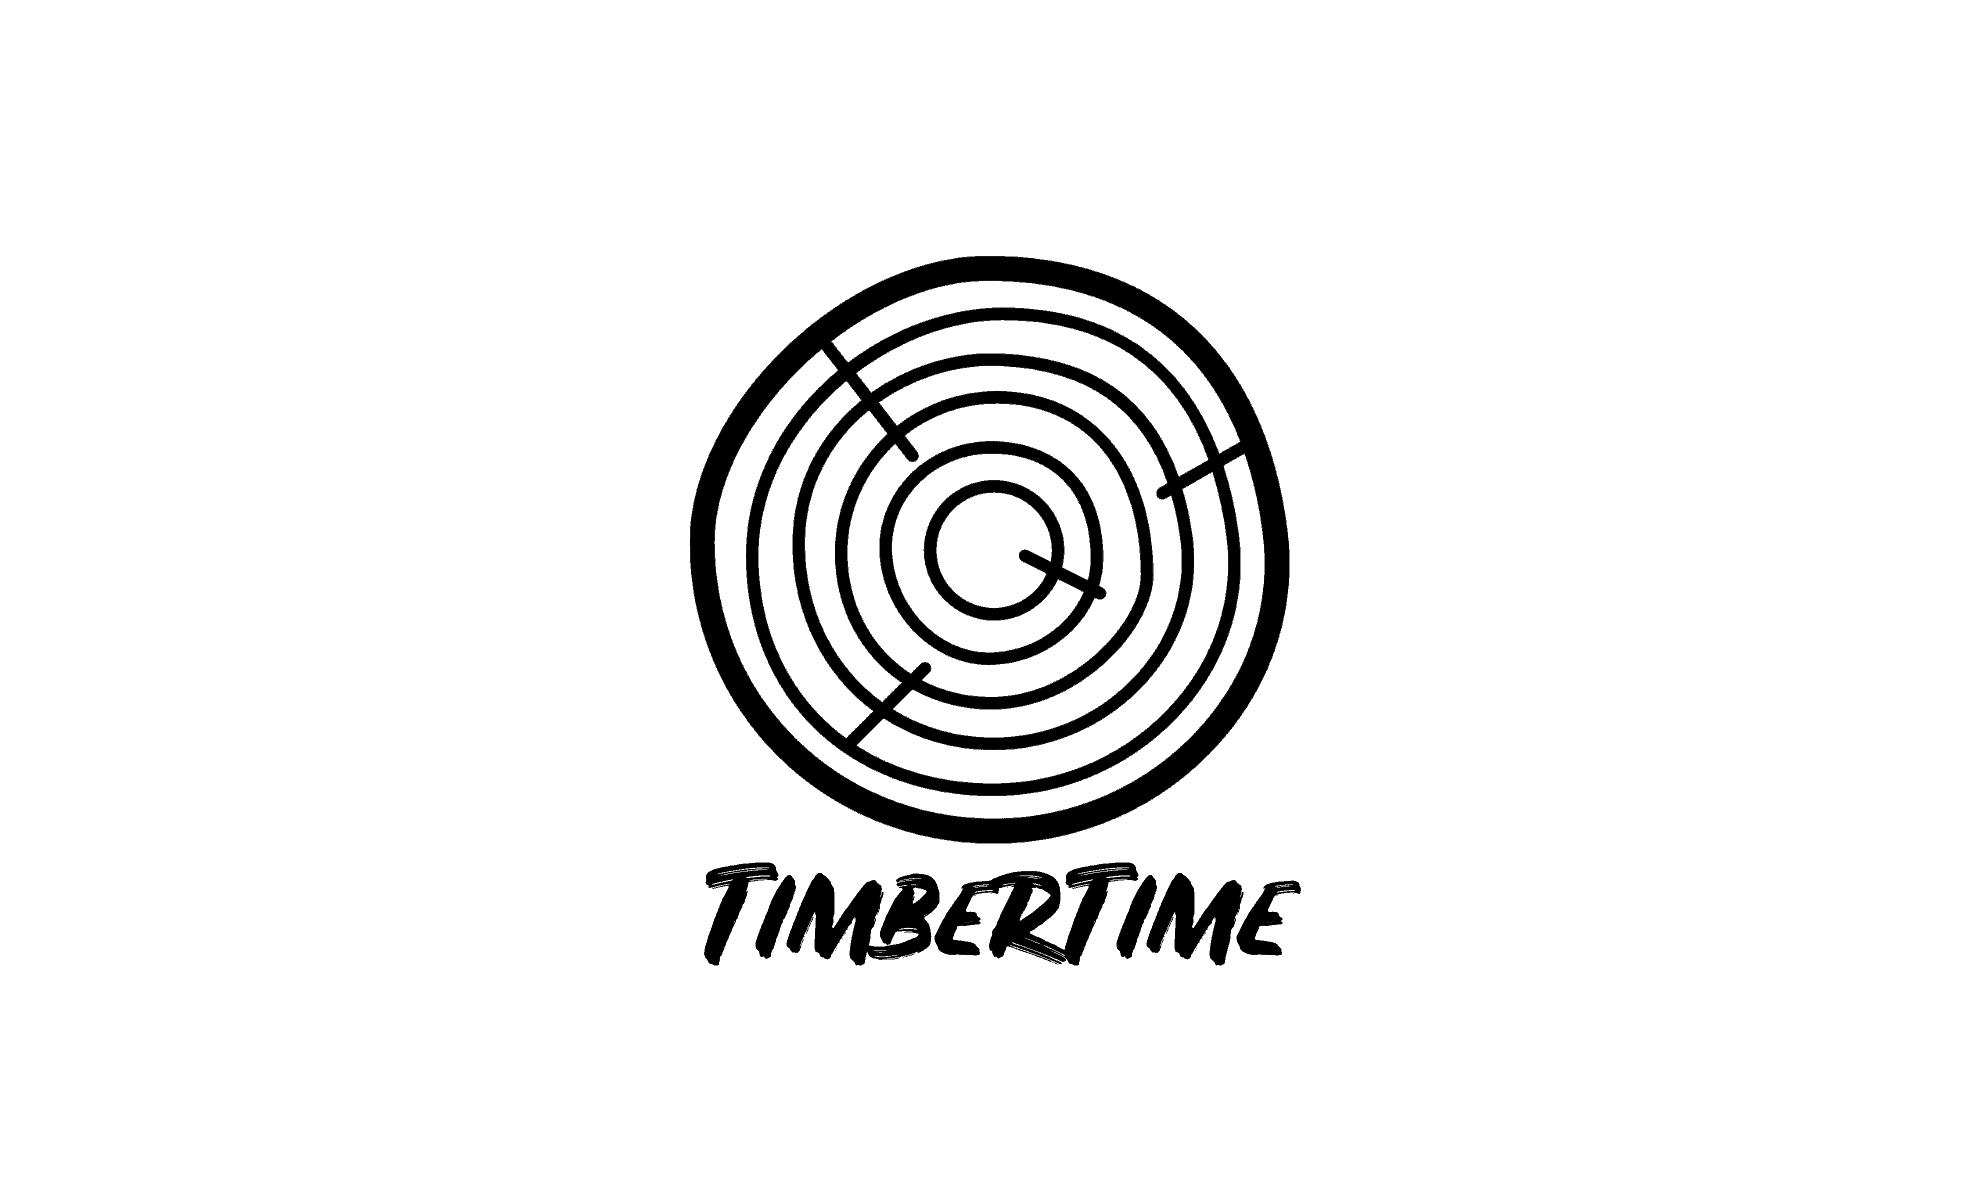 TimberTime Logo